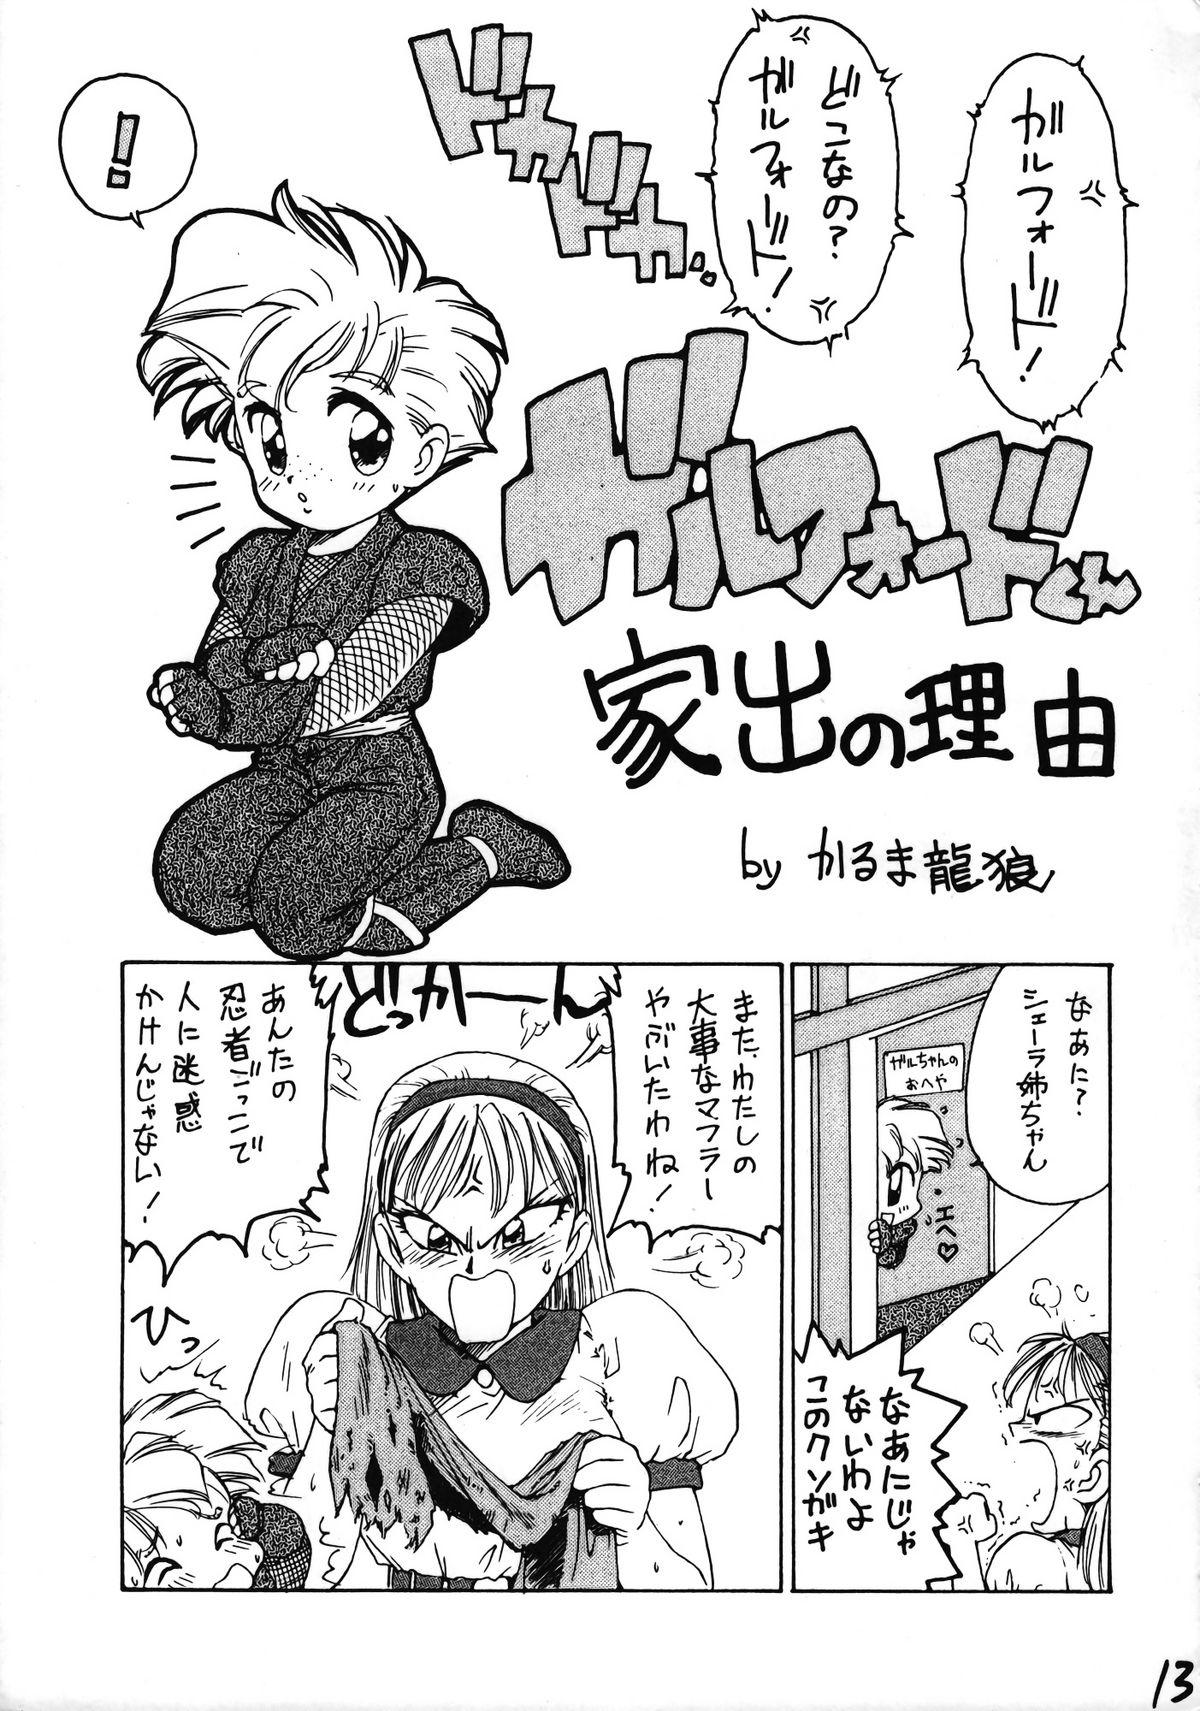 Ikenai! Otokonoko Hon Boy's H Book 2 13